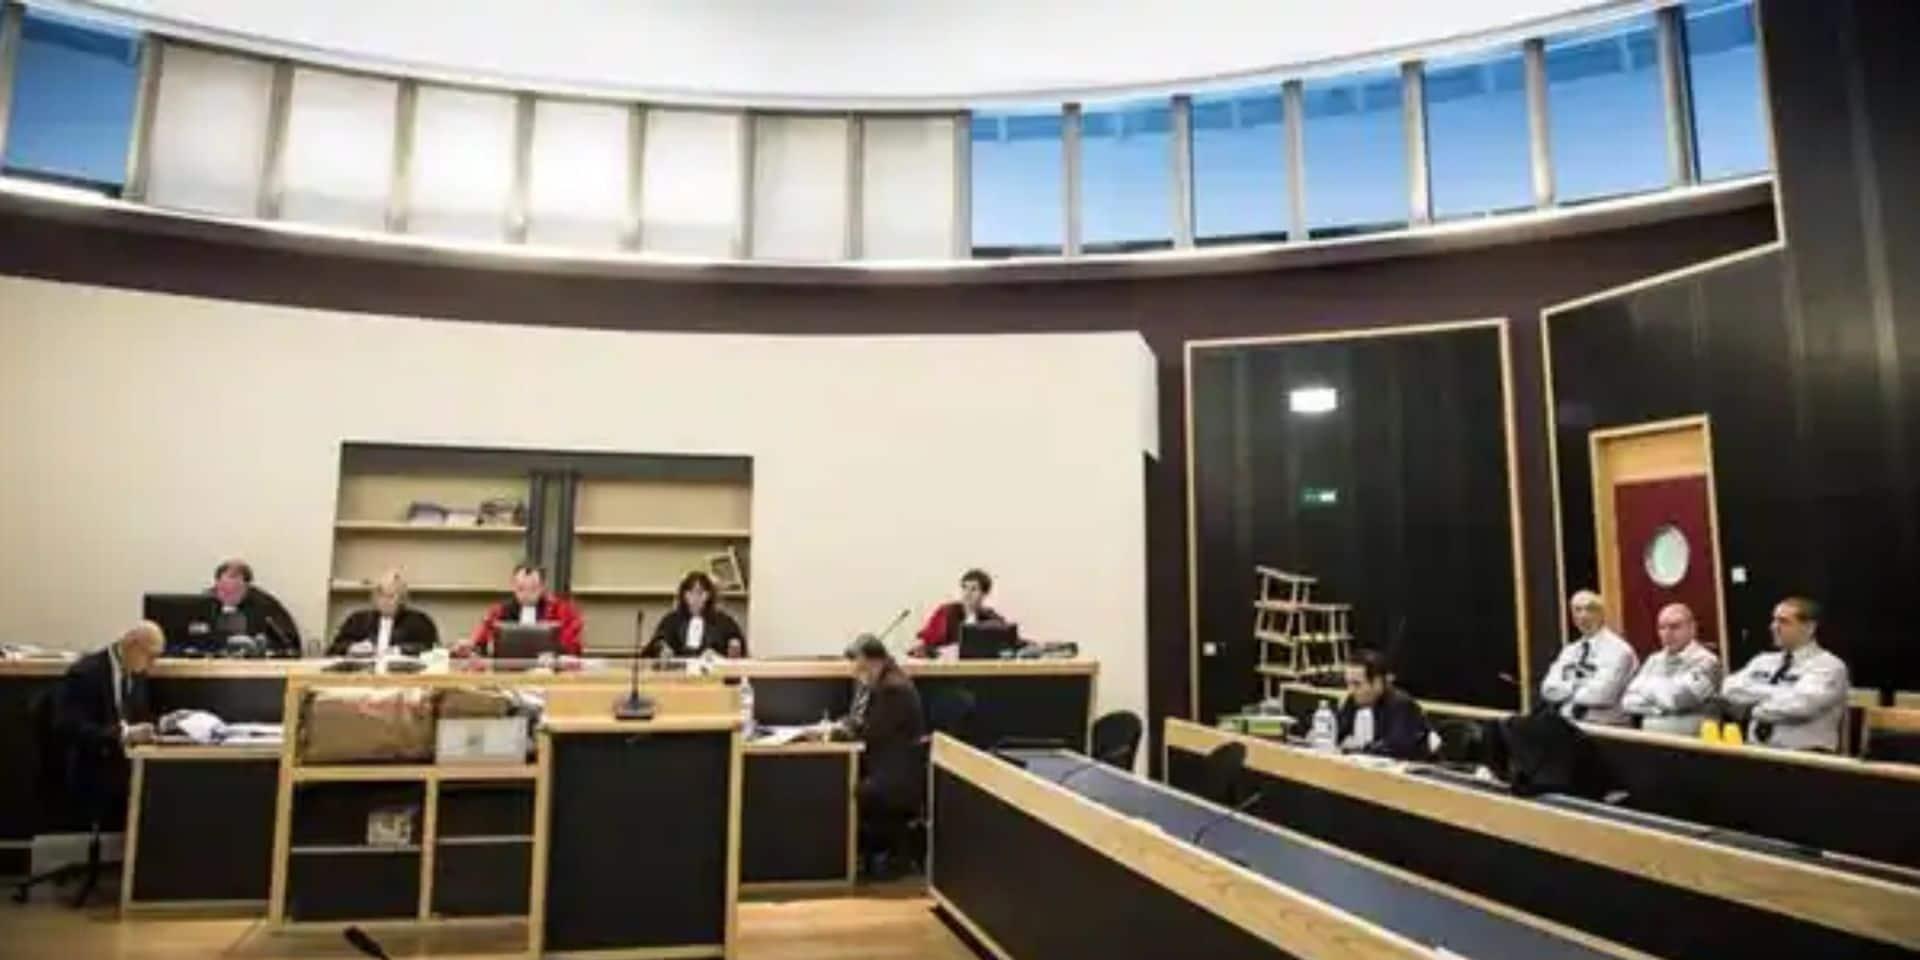 Assises: Thomas Lesire a perdu le contrôle de ses actes, selon la défense